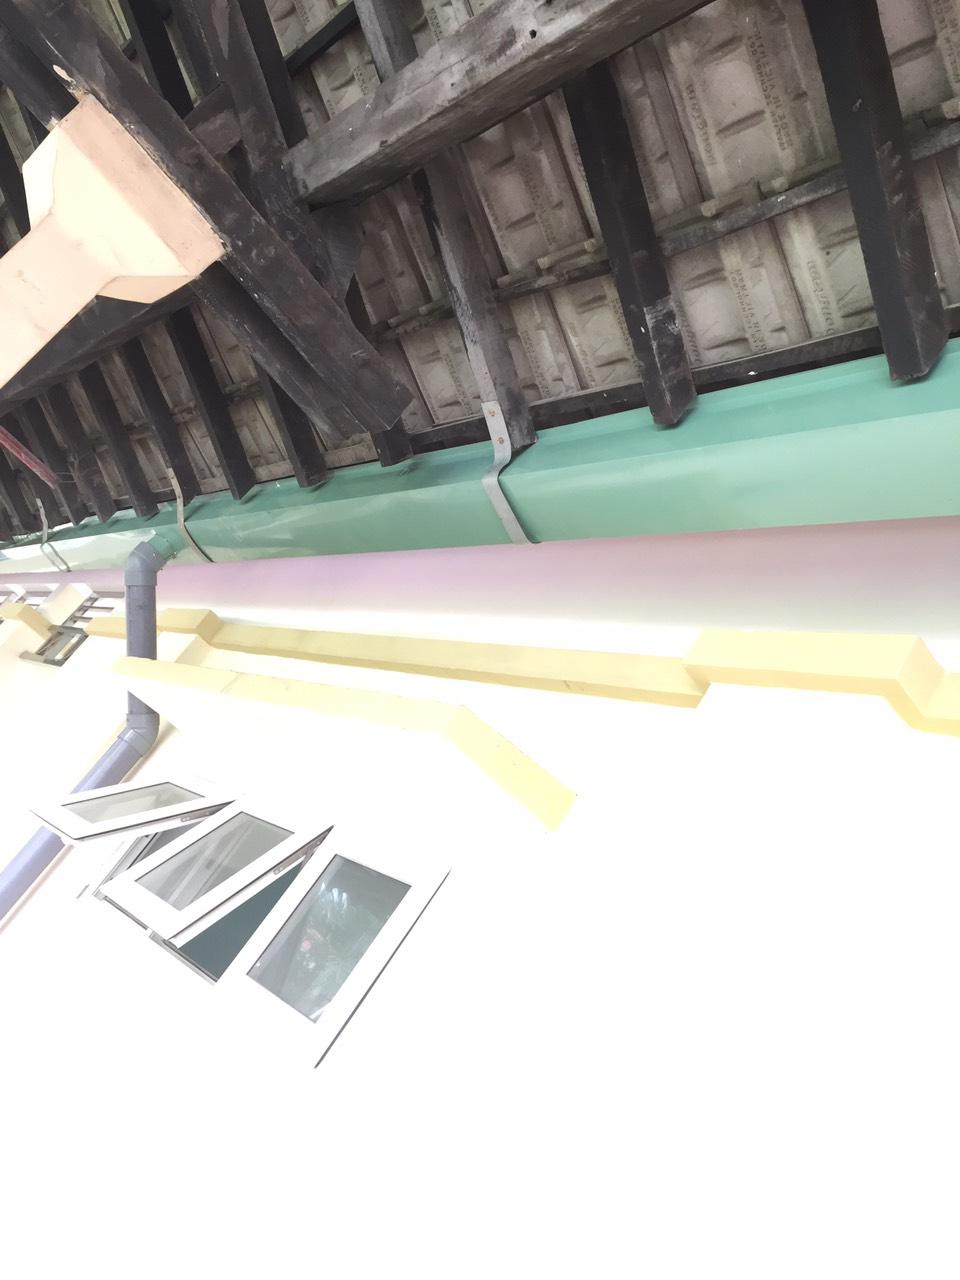 lắp máng xối sửa máng xối TPHCM